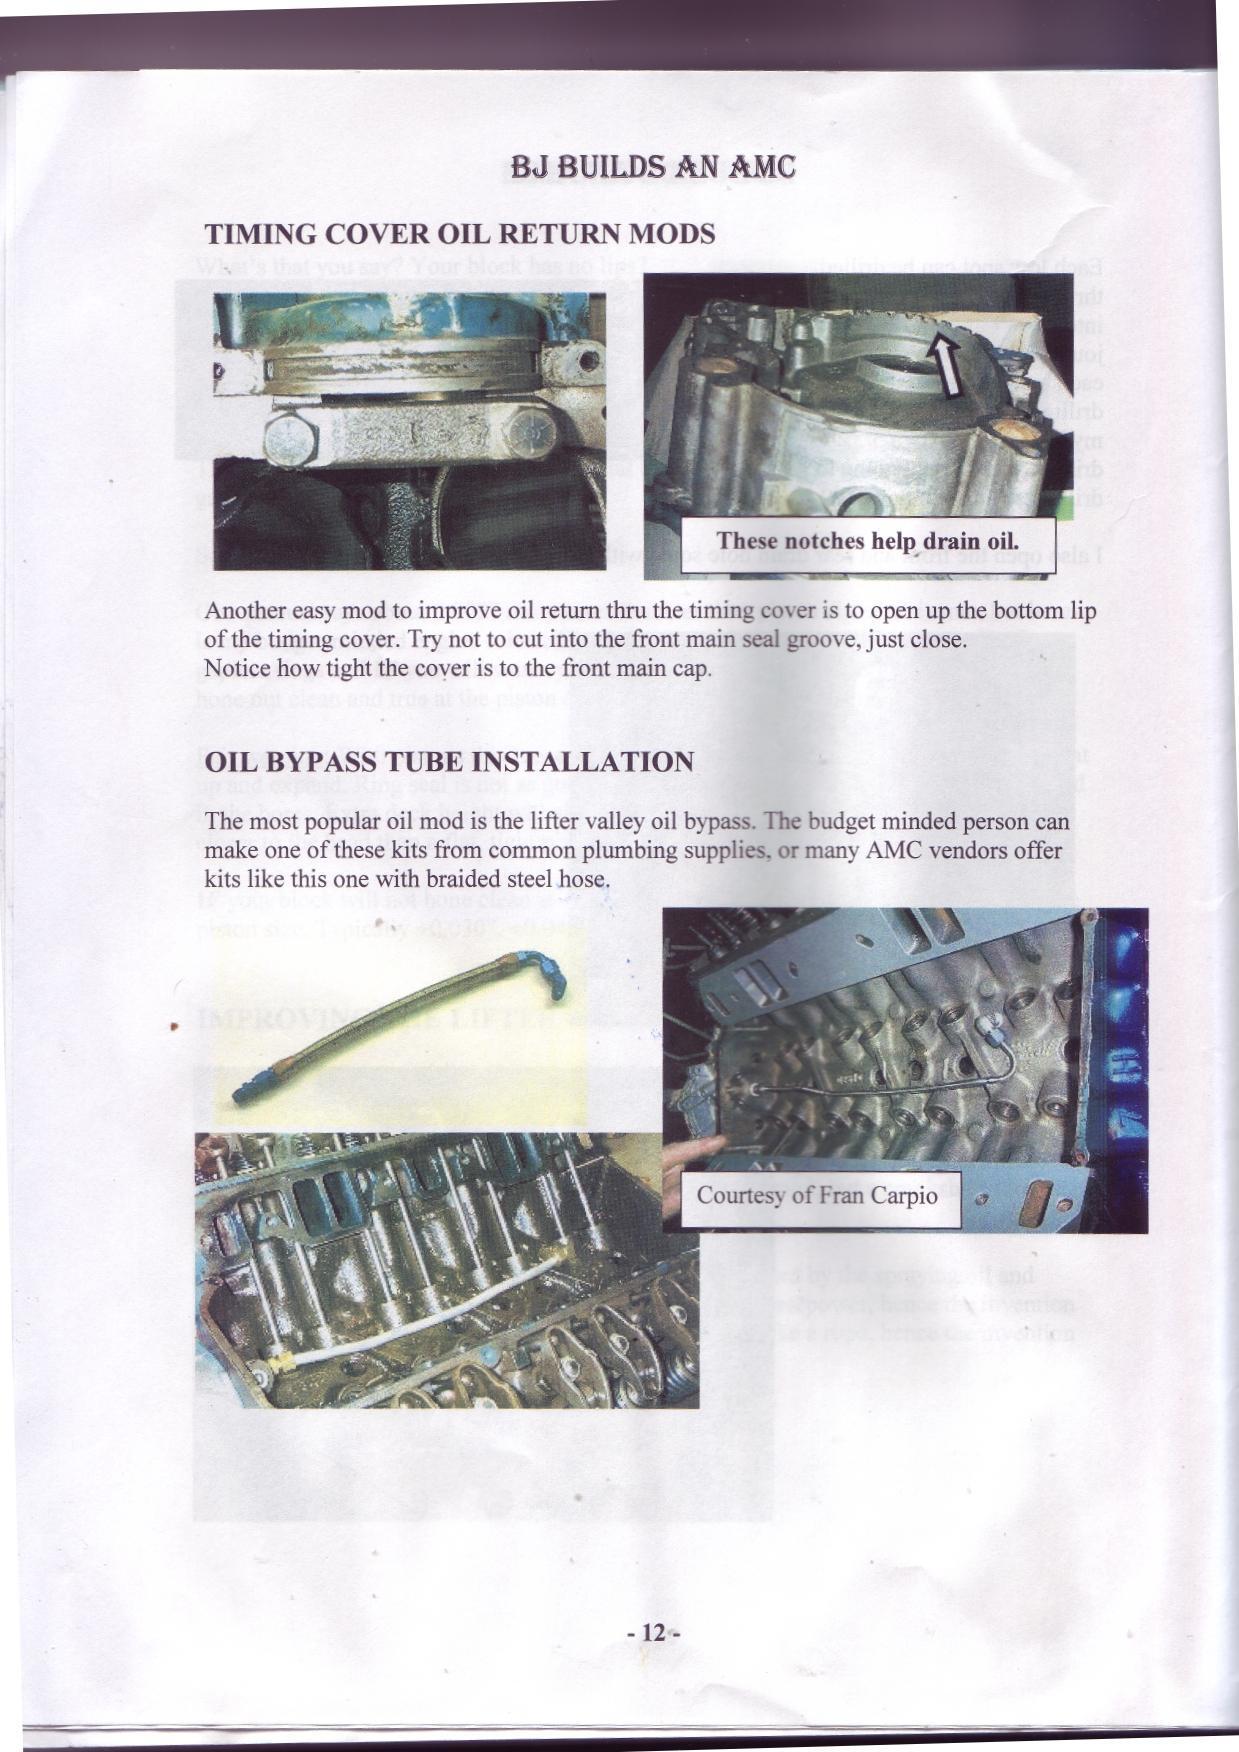 Durite Avia dans V8 Bjbuildsanamc0002